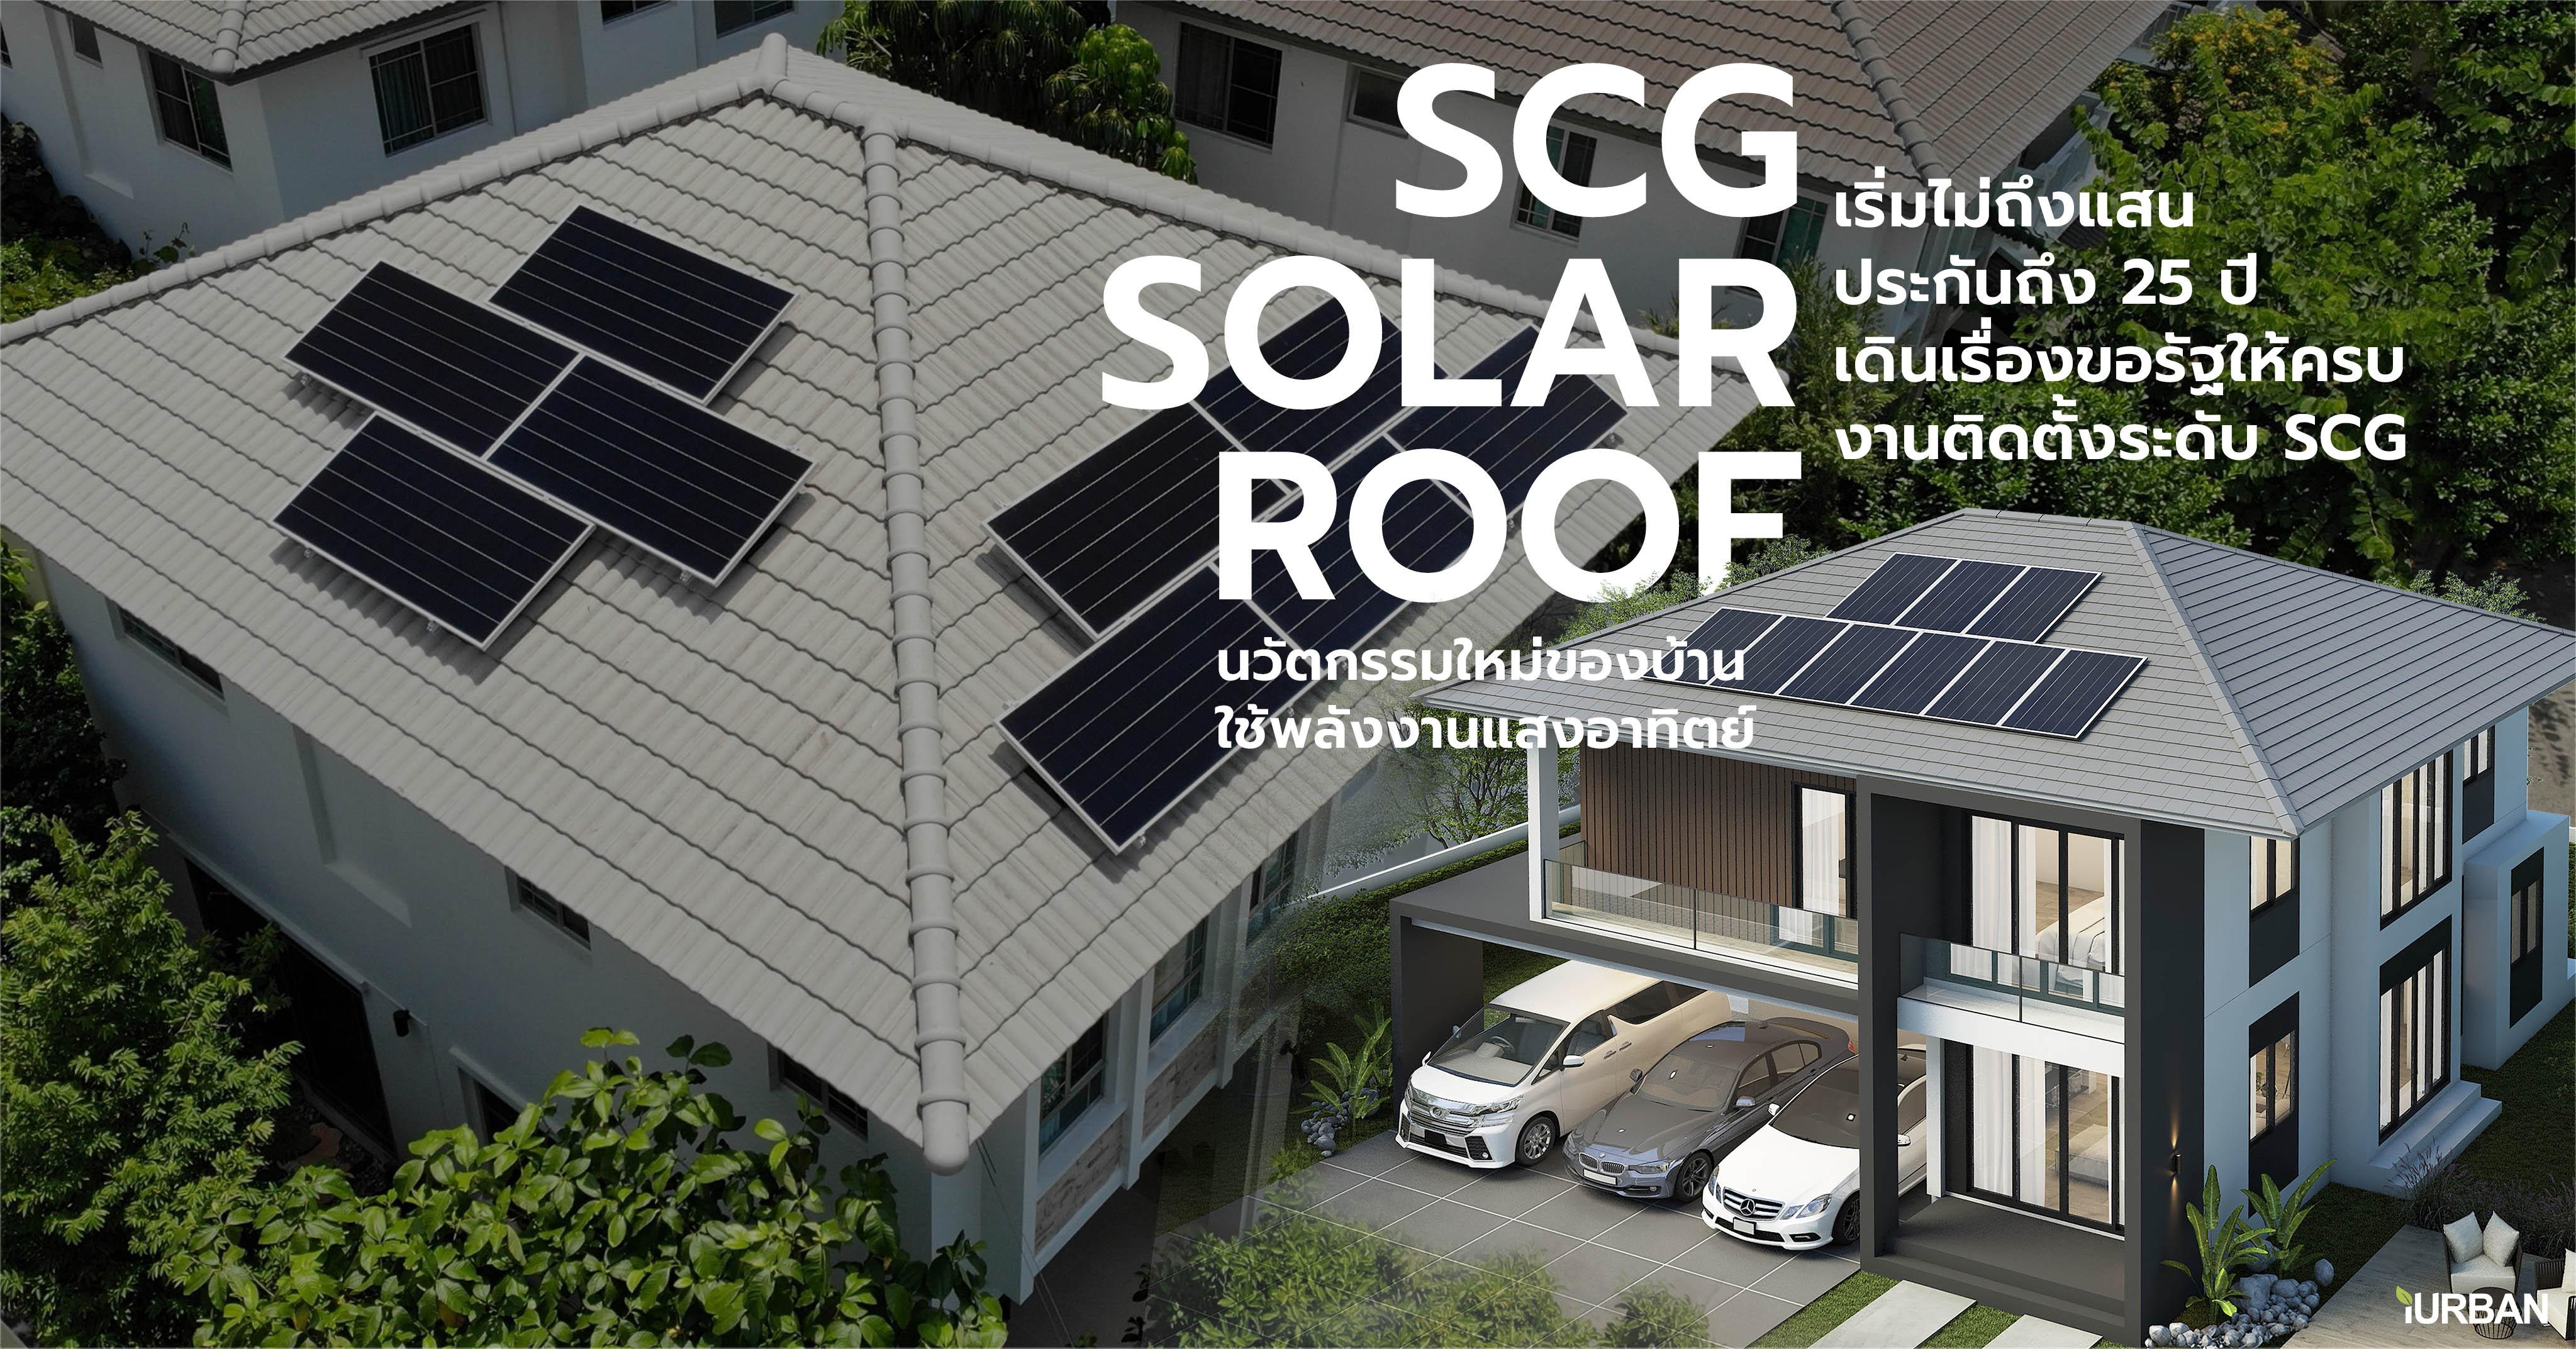 12 จุดเด่นมาพร้อม SCG Solar Roof เมื่อยักษ์ลงสนามไฟฟ้าบ้านพลังงานแสงอาทิตย์ 13 - Premium